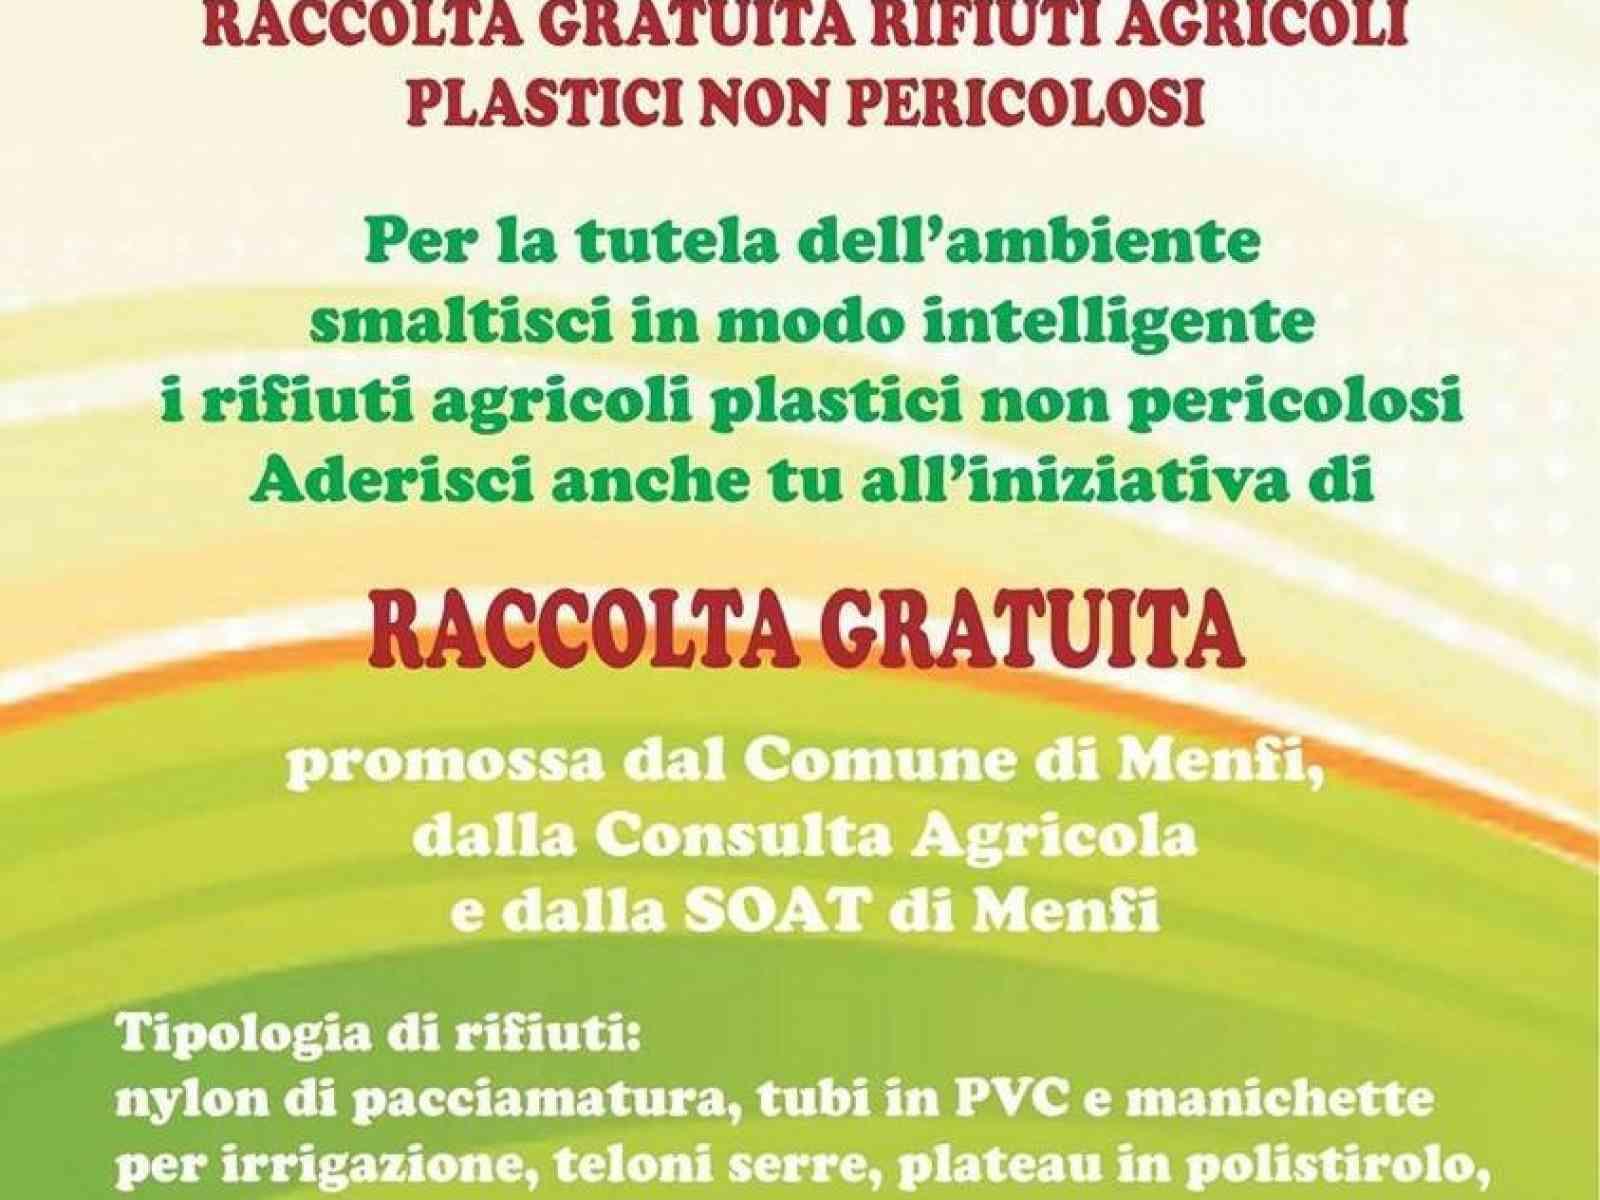 Menfi. Parte la raccolta adesioni per la raccolta gratuita dei rifiuti agricoli plastici non pericolosi